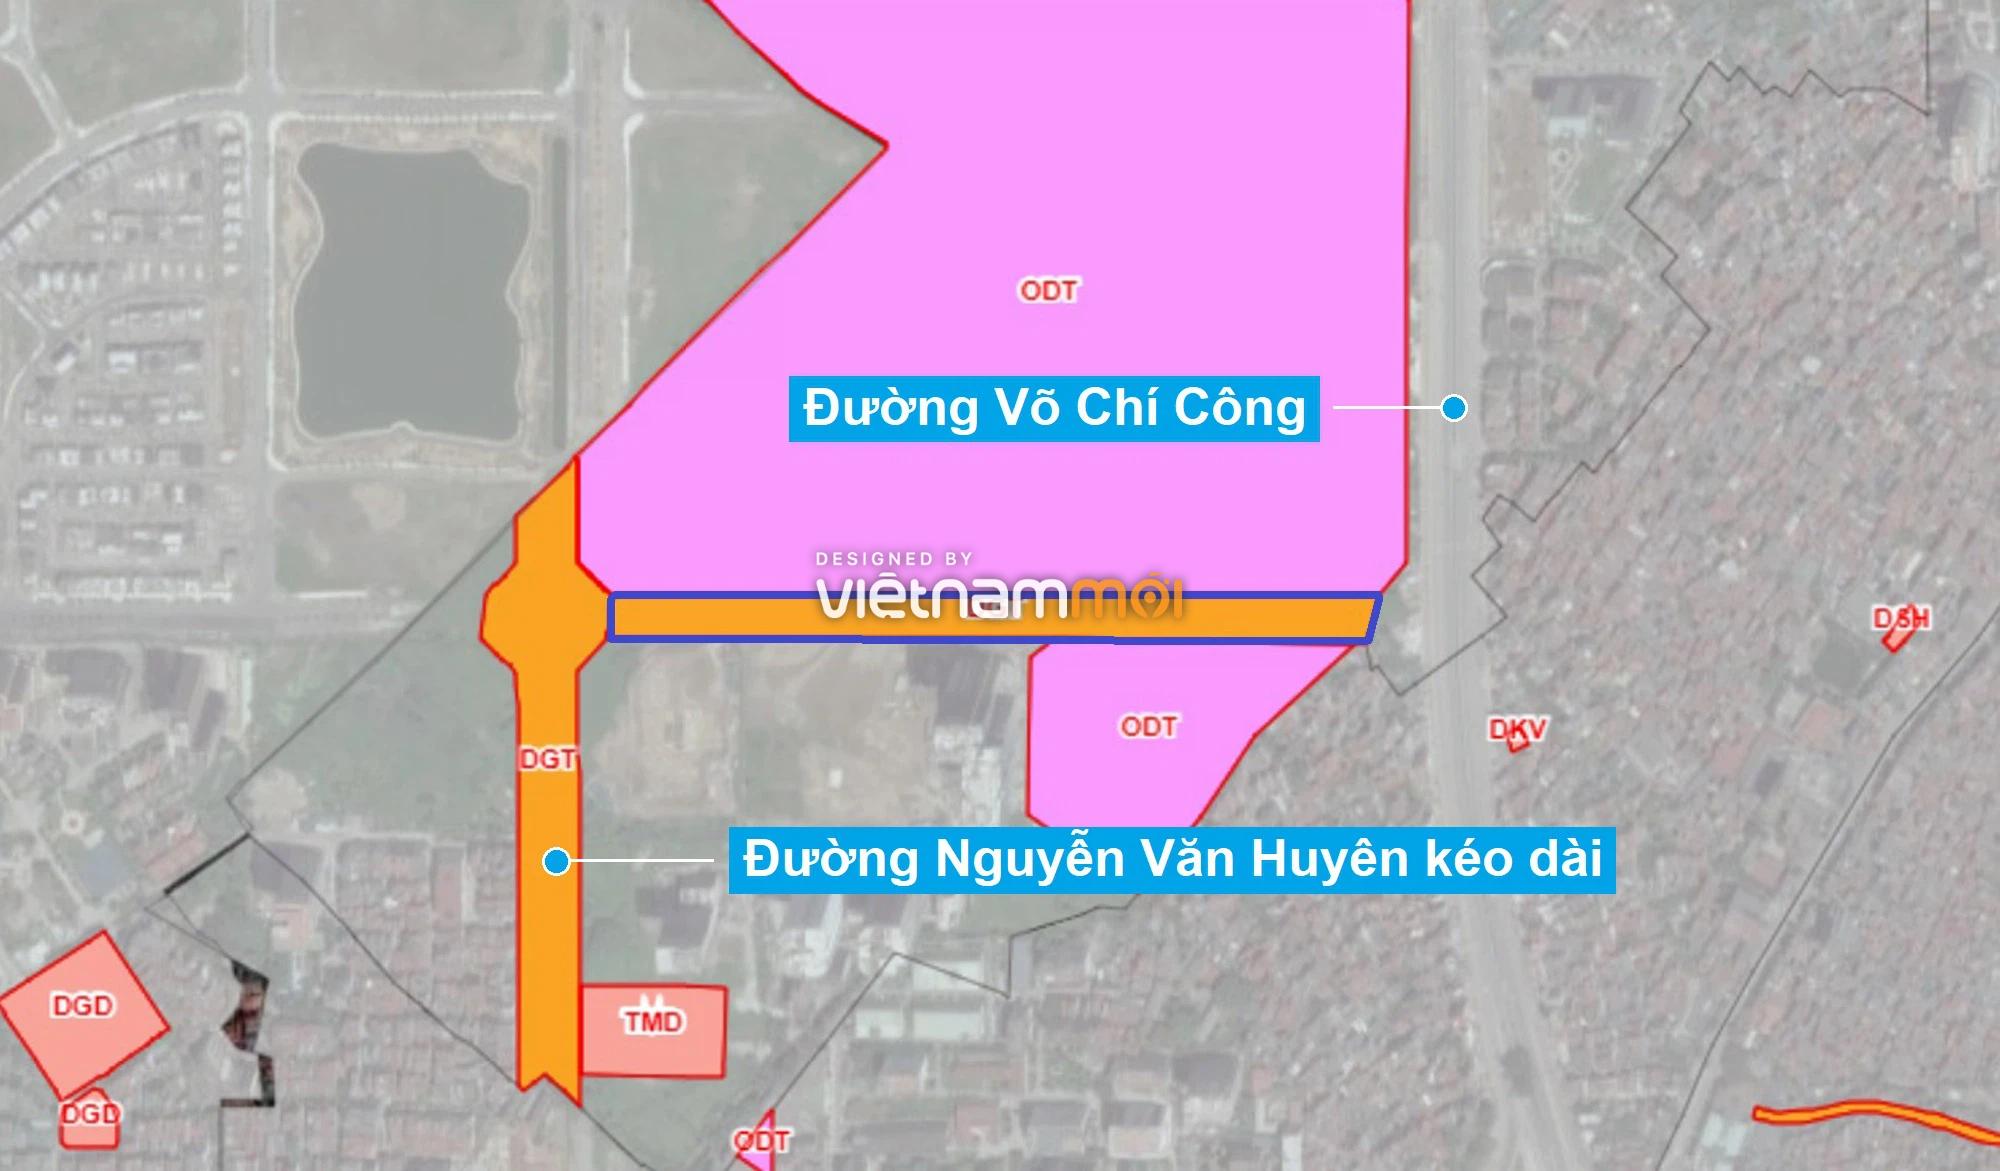 Những khu đất sắp thu hồi để mở đường ở quận Tây Hồ, Hà Nội (phần 3) - Ảnh 14.